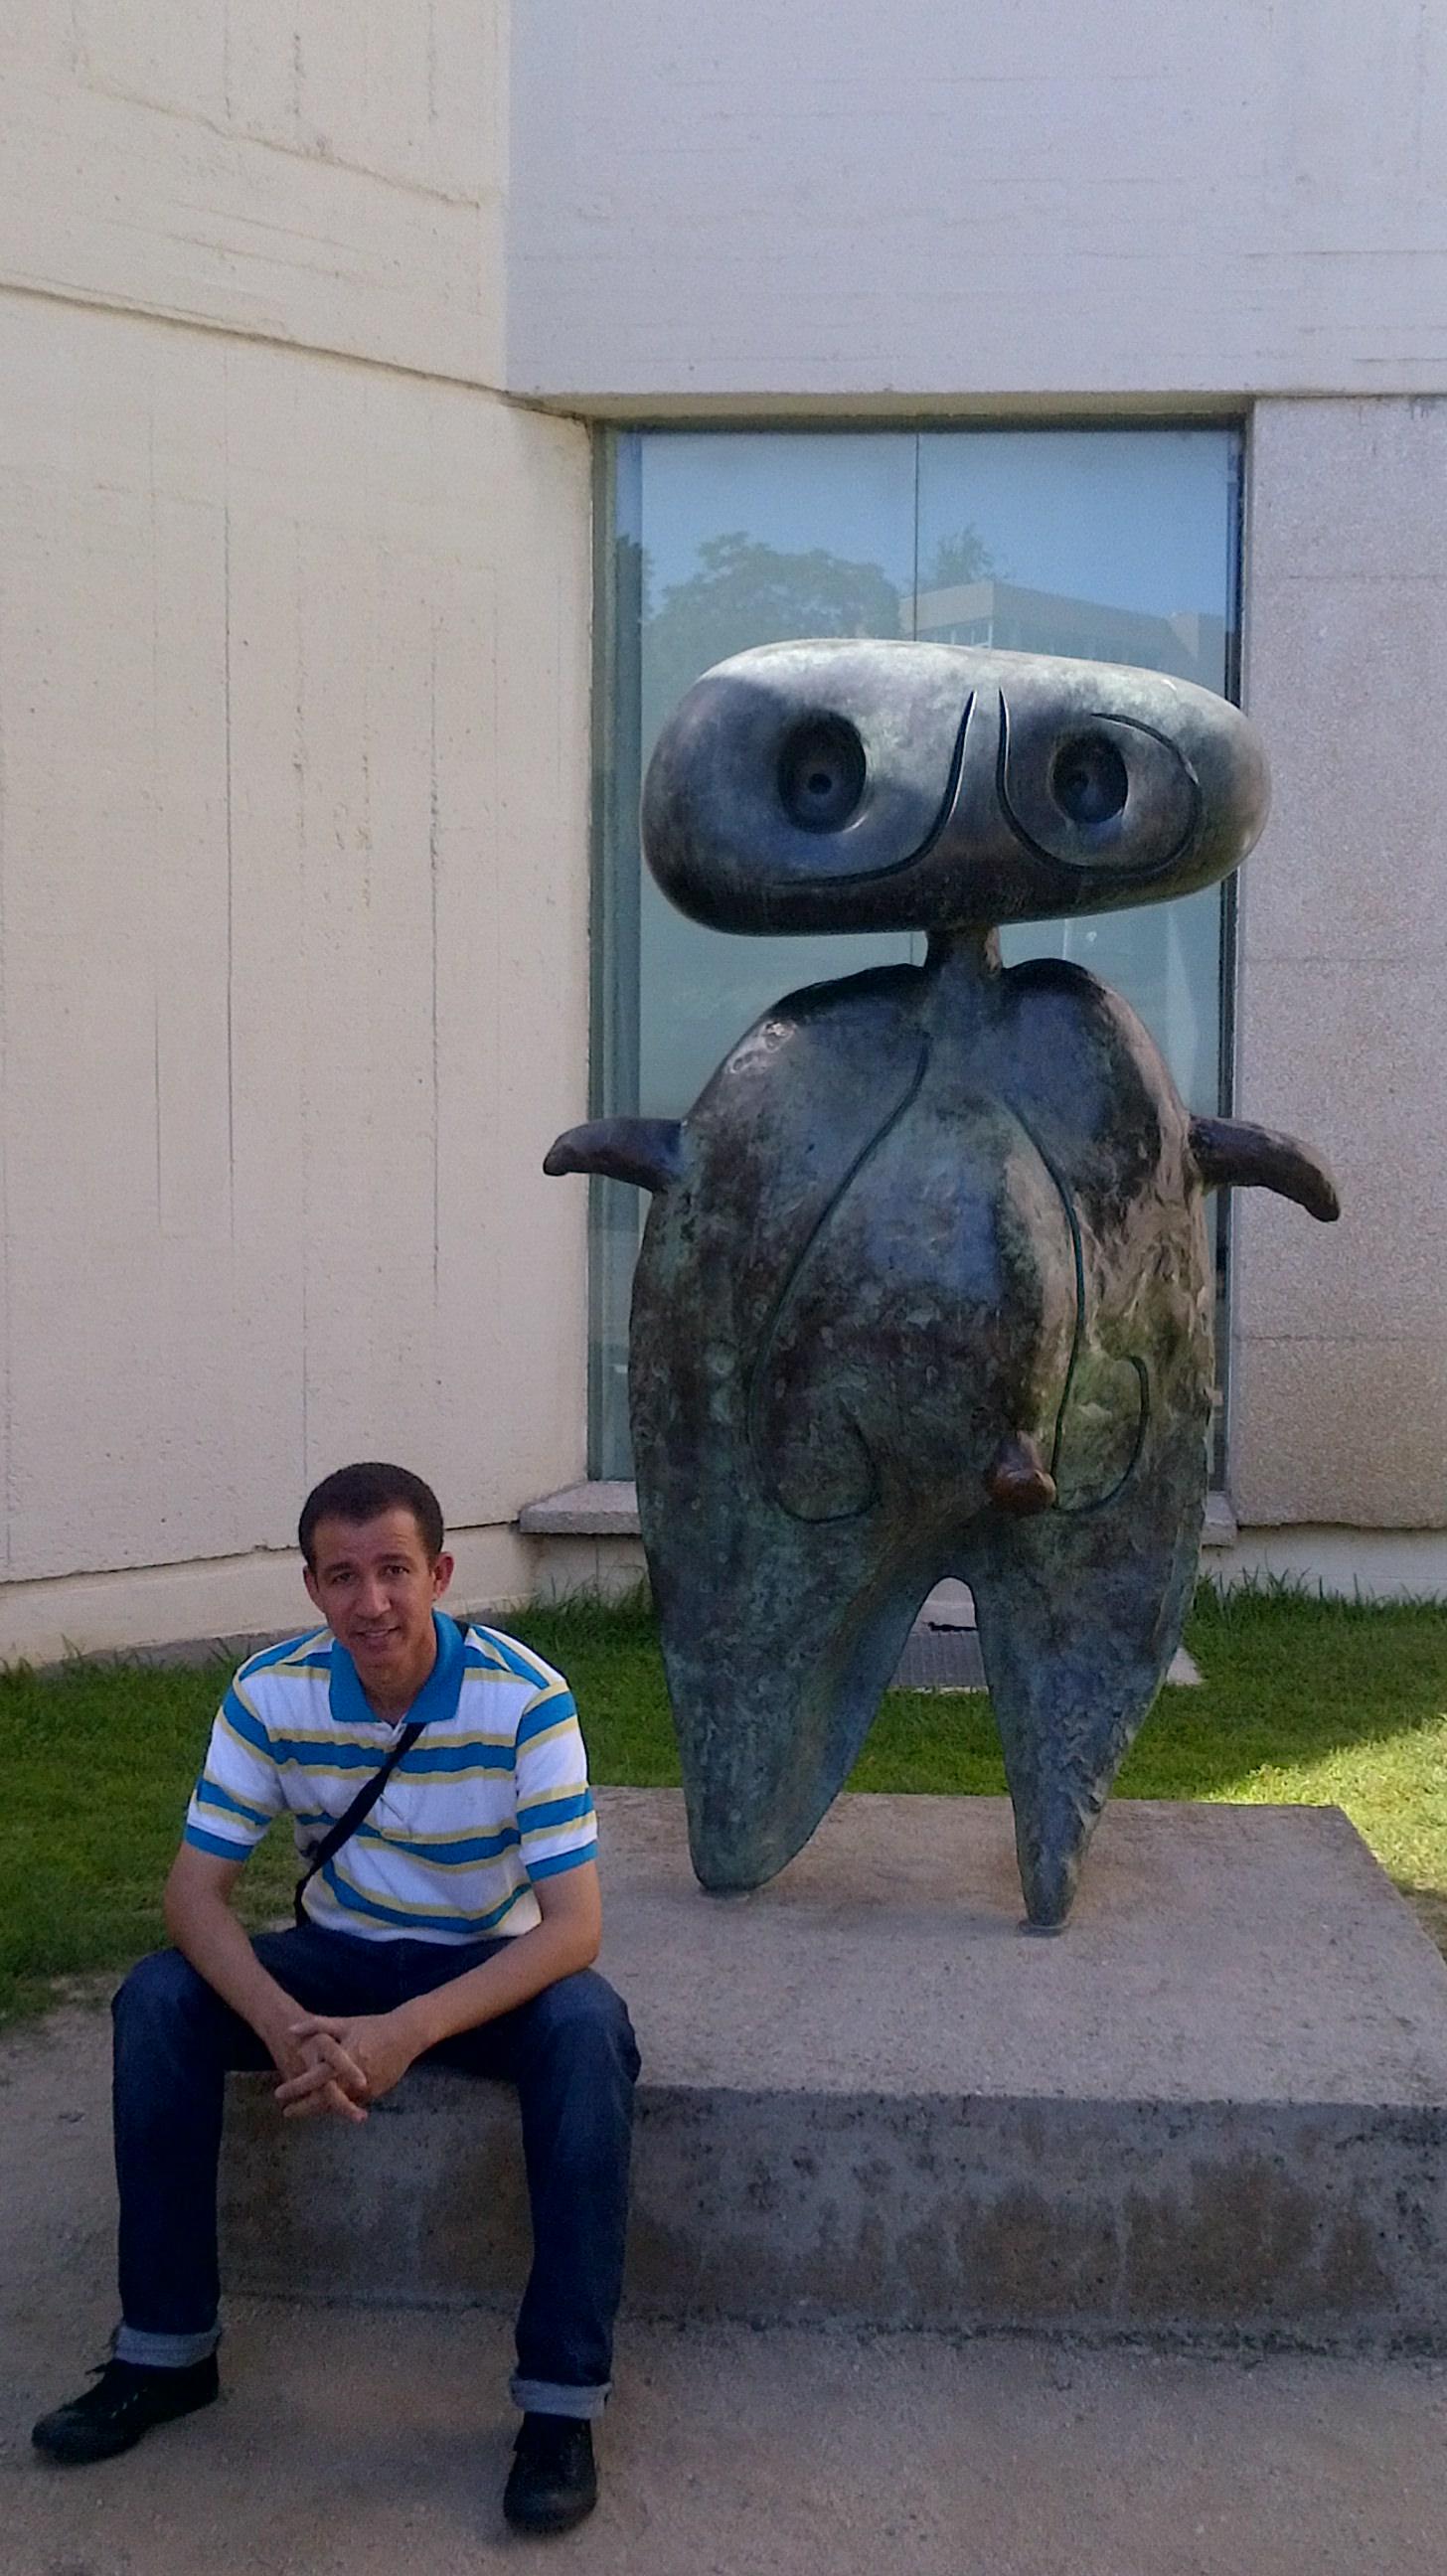 Dustin en la Fundación Joan Miró, Barcelona, España, 2014